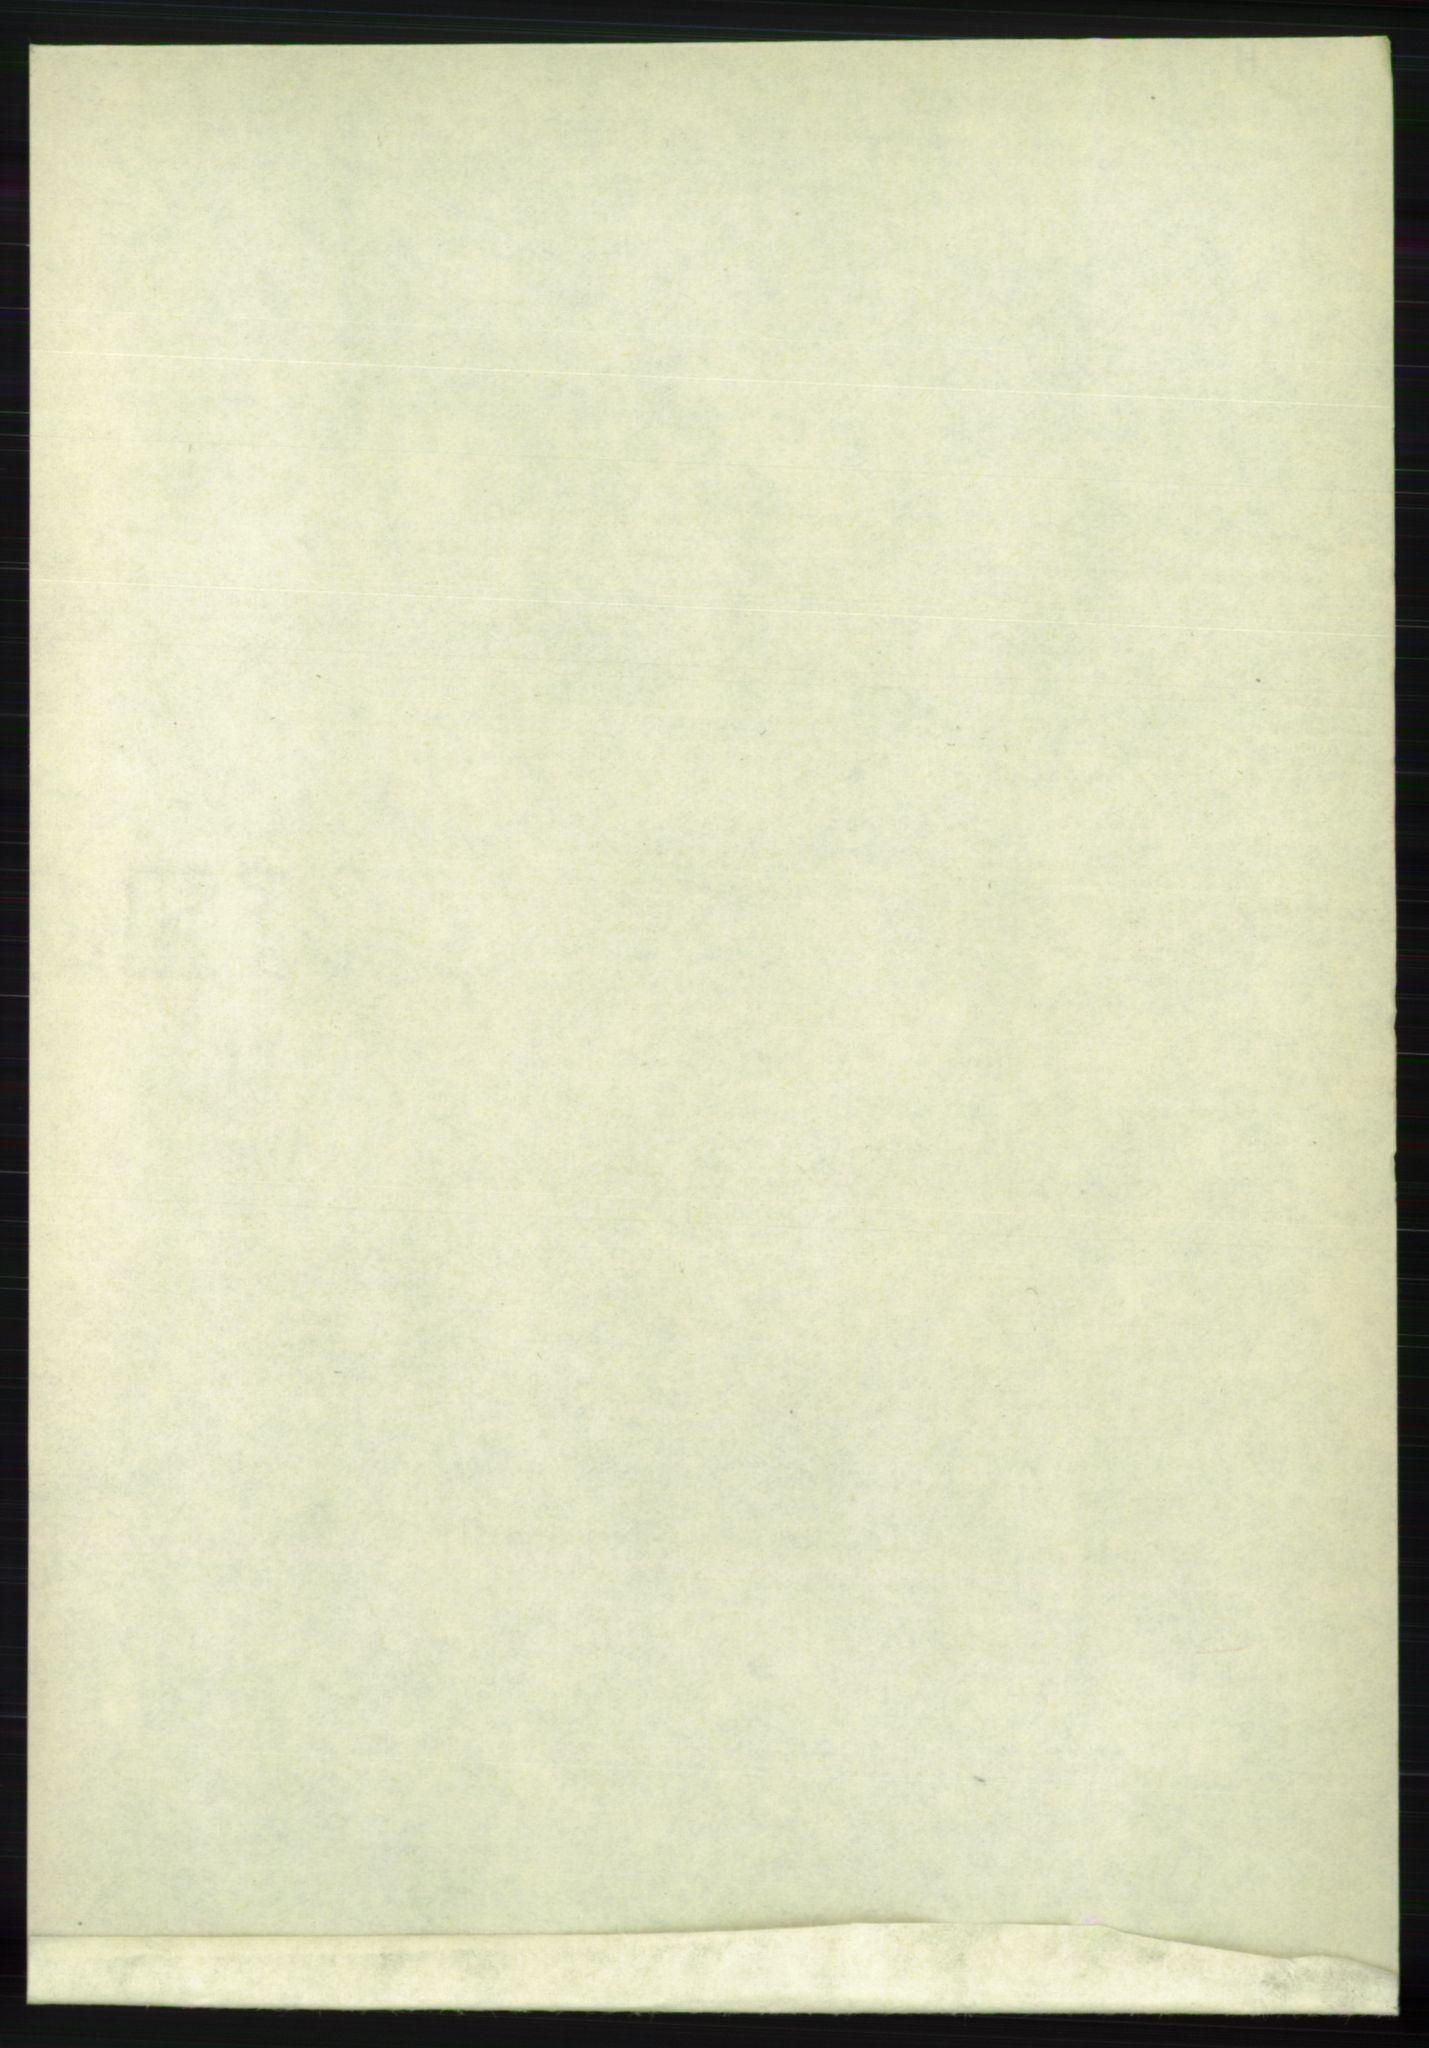 RA, Folketelling 1891 for 1113 Heskestad herred, 1891, s. 489